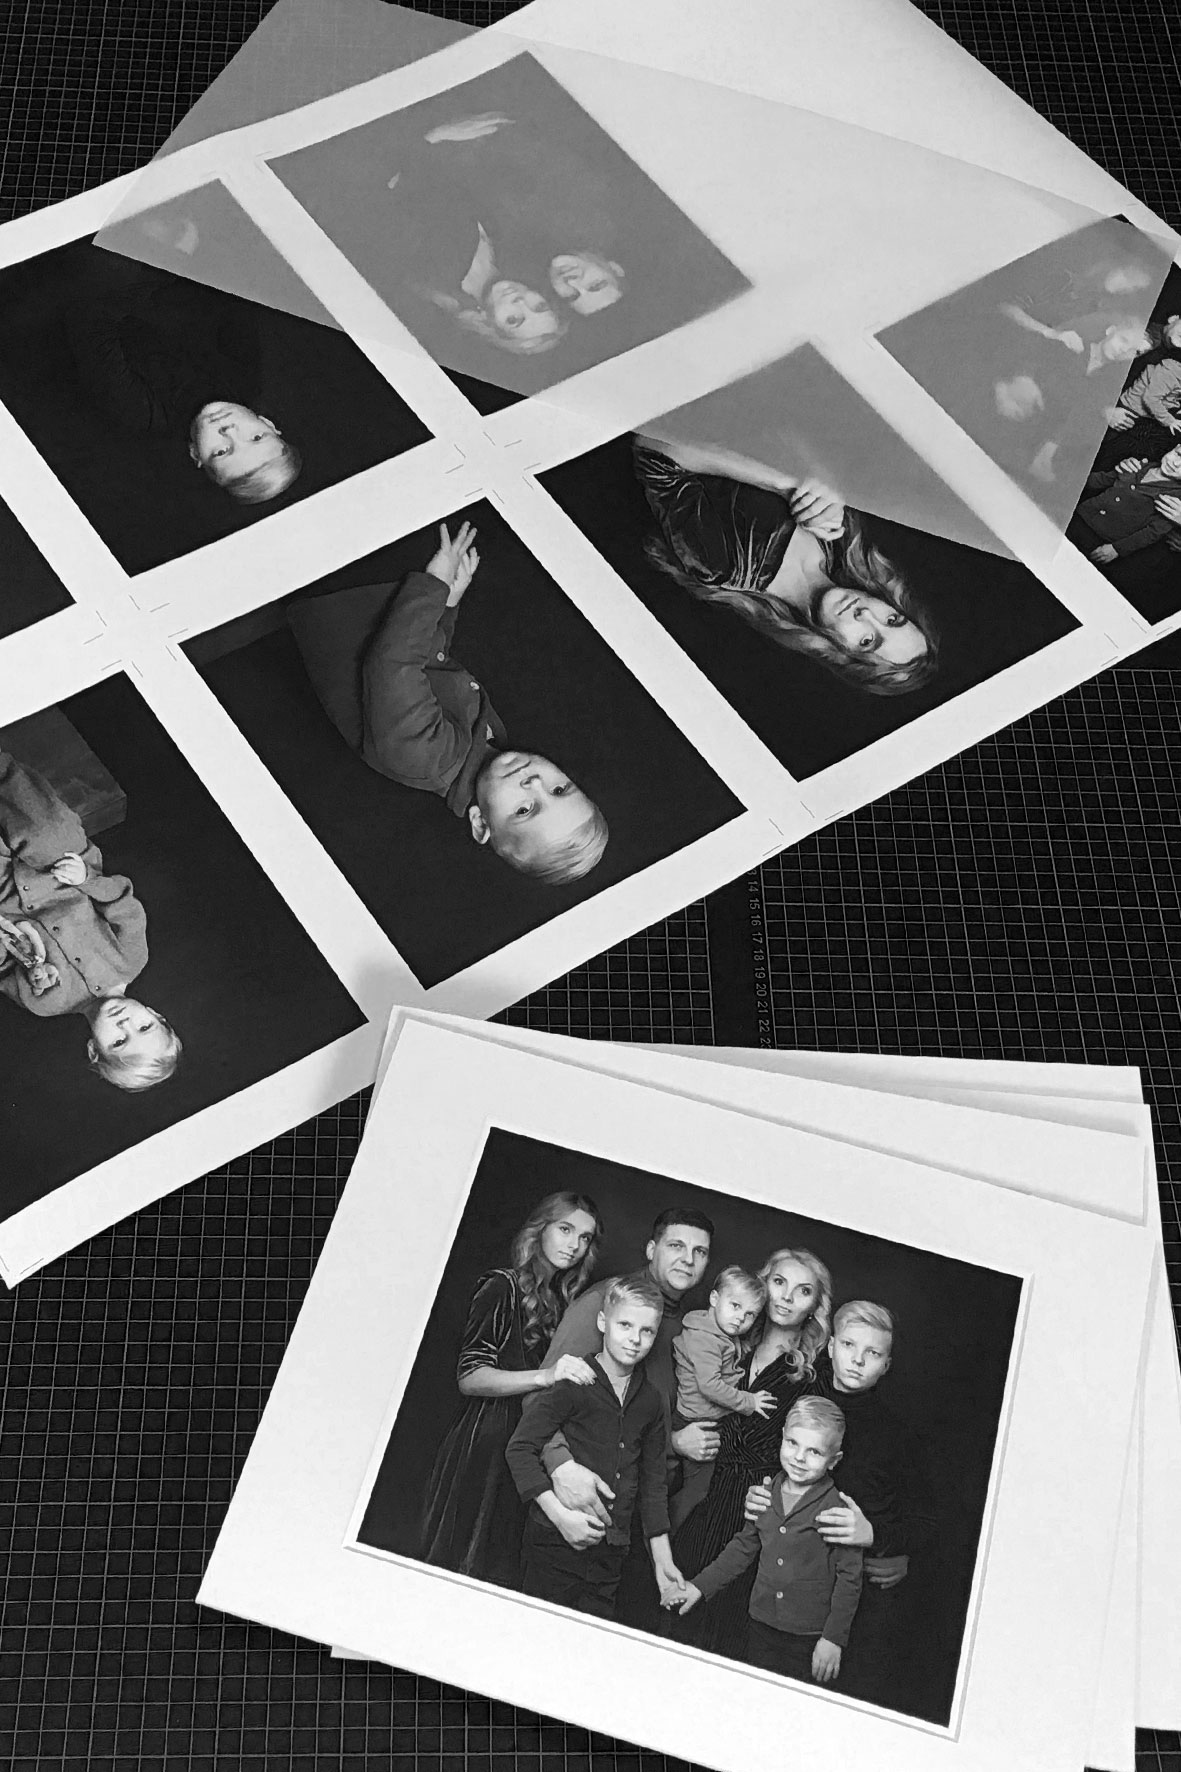 Prindipakett fotograafidele